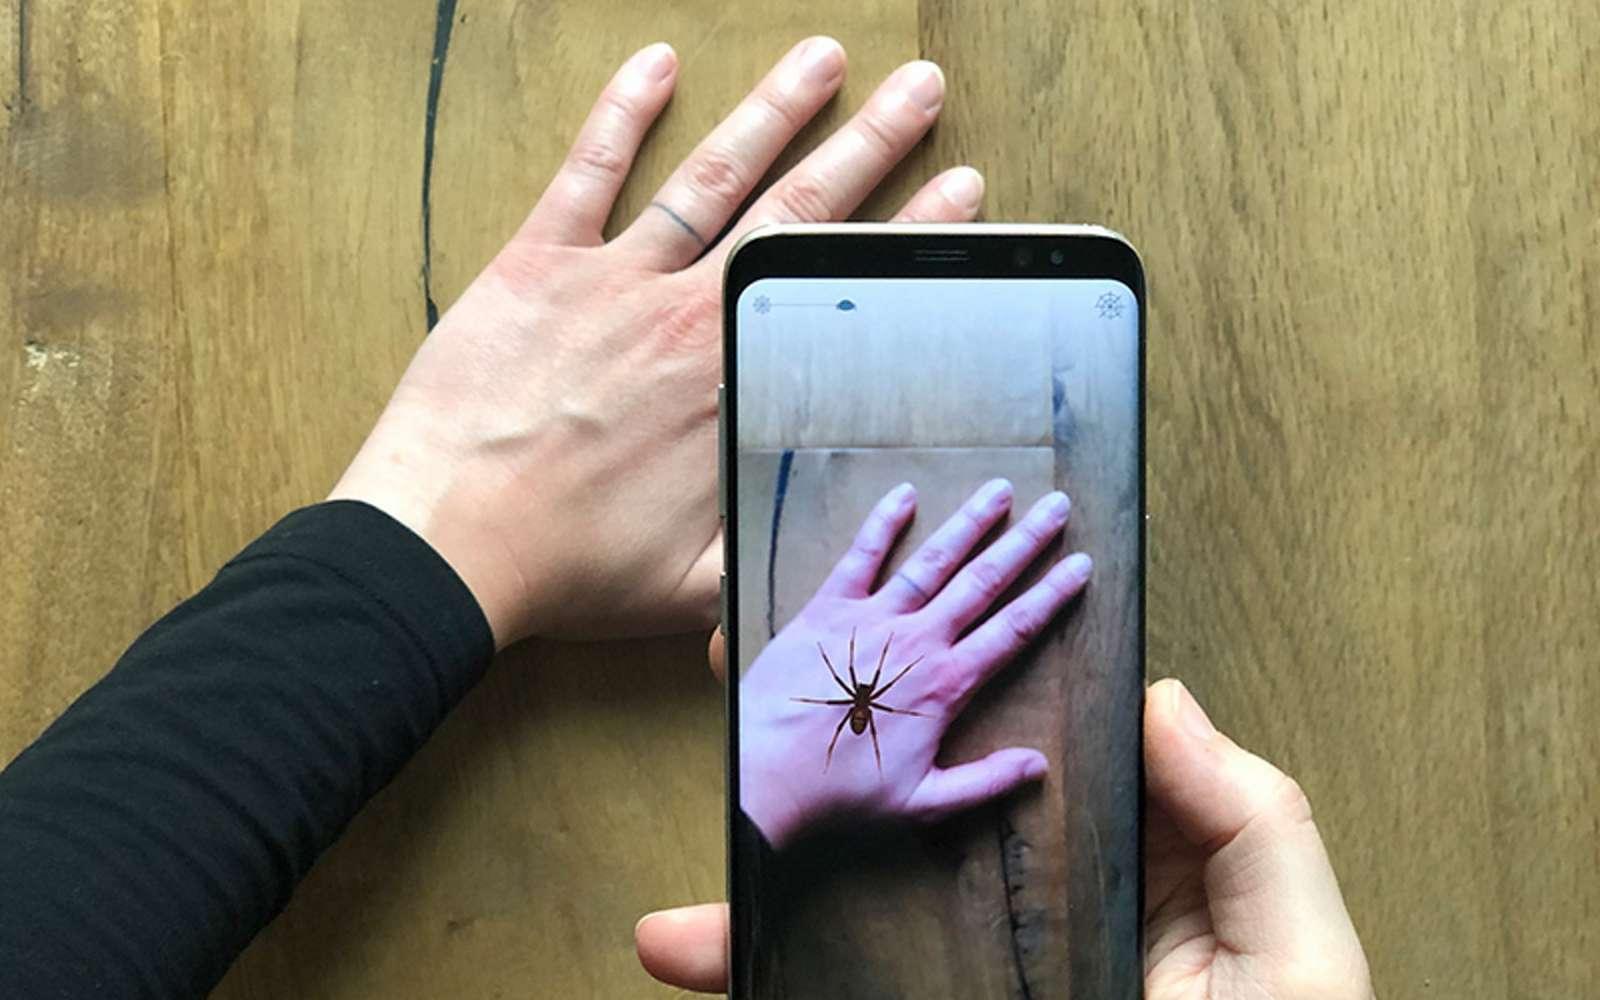 L'application Phobys permet de traiter l'arachnophobie. © Université de Bâle